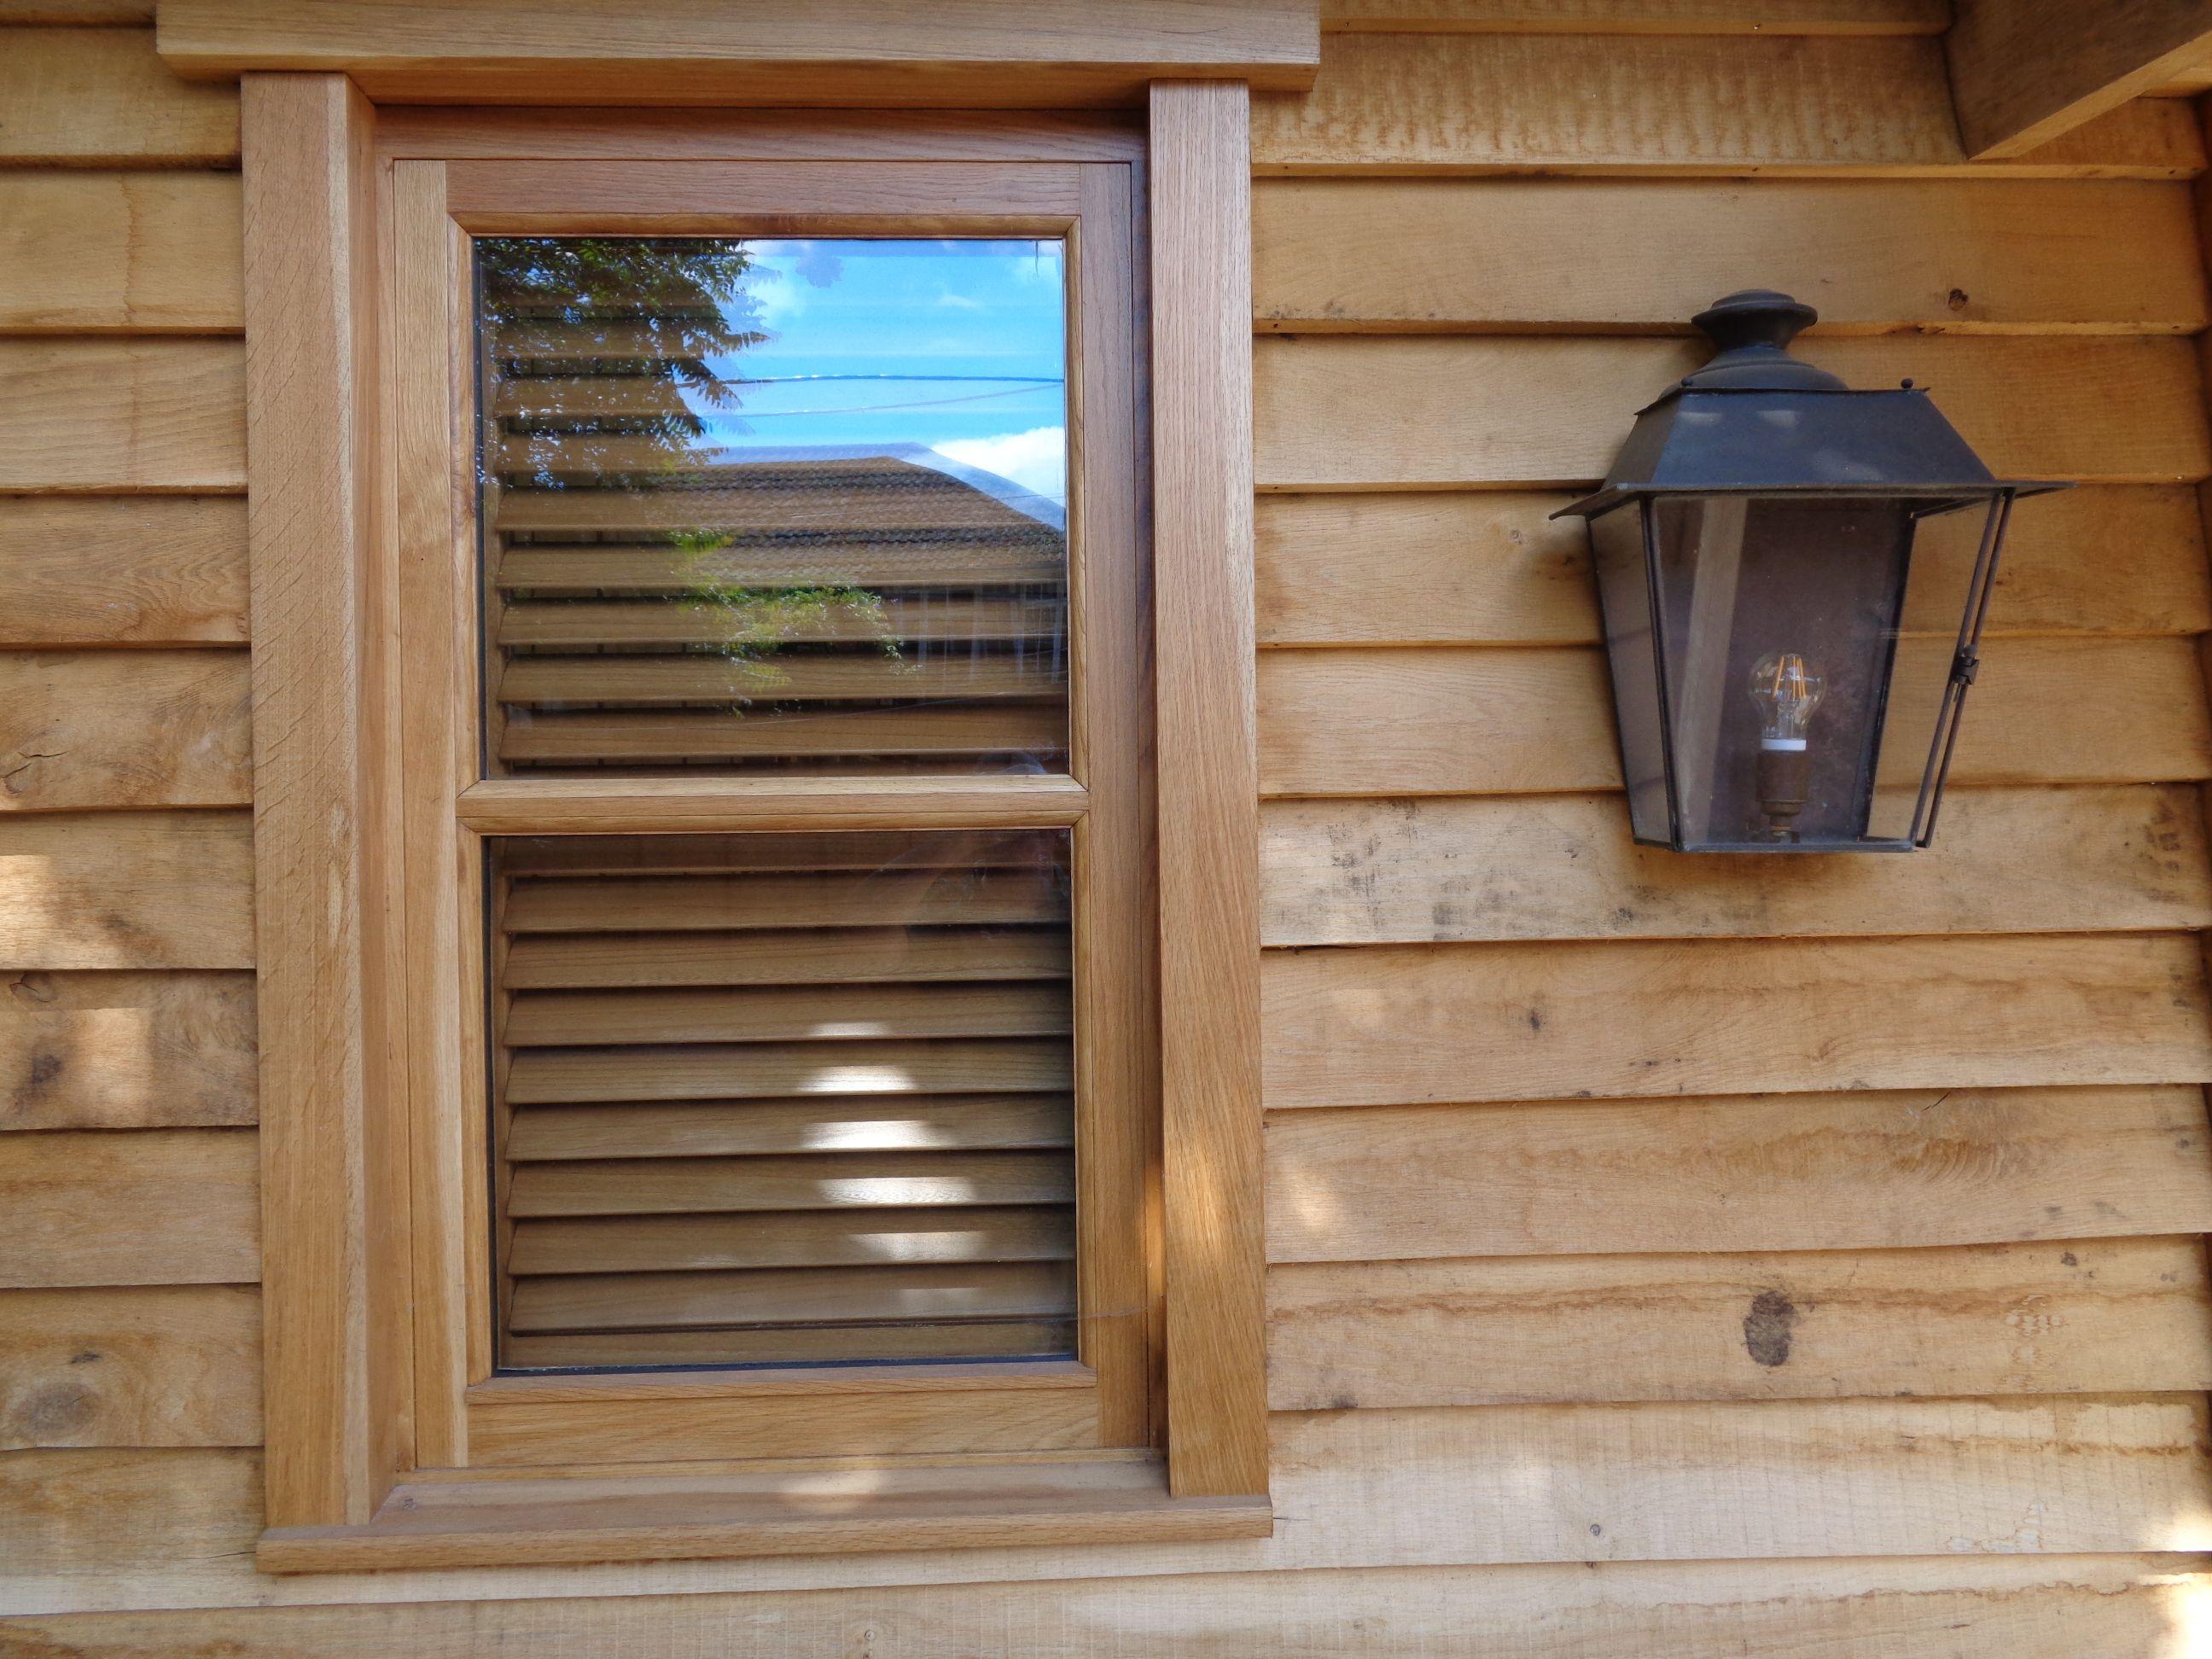 Plantationshutters window woodenshutters shutters windowshutters